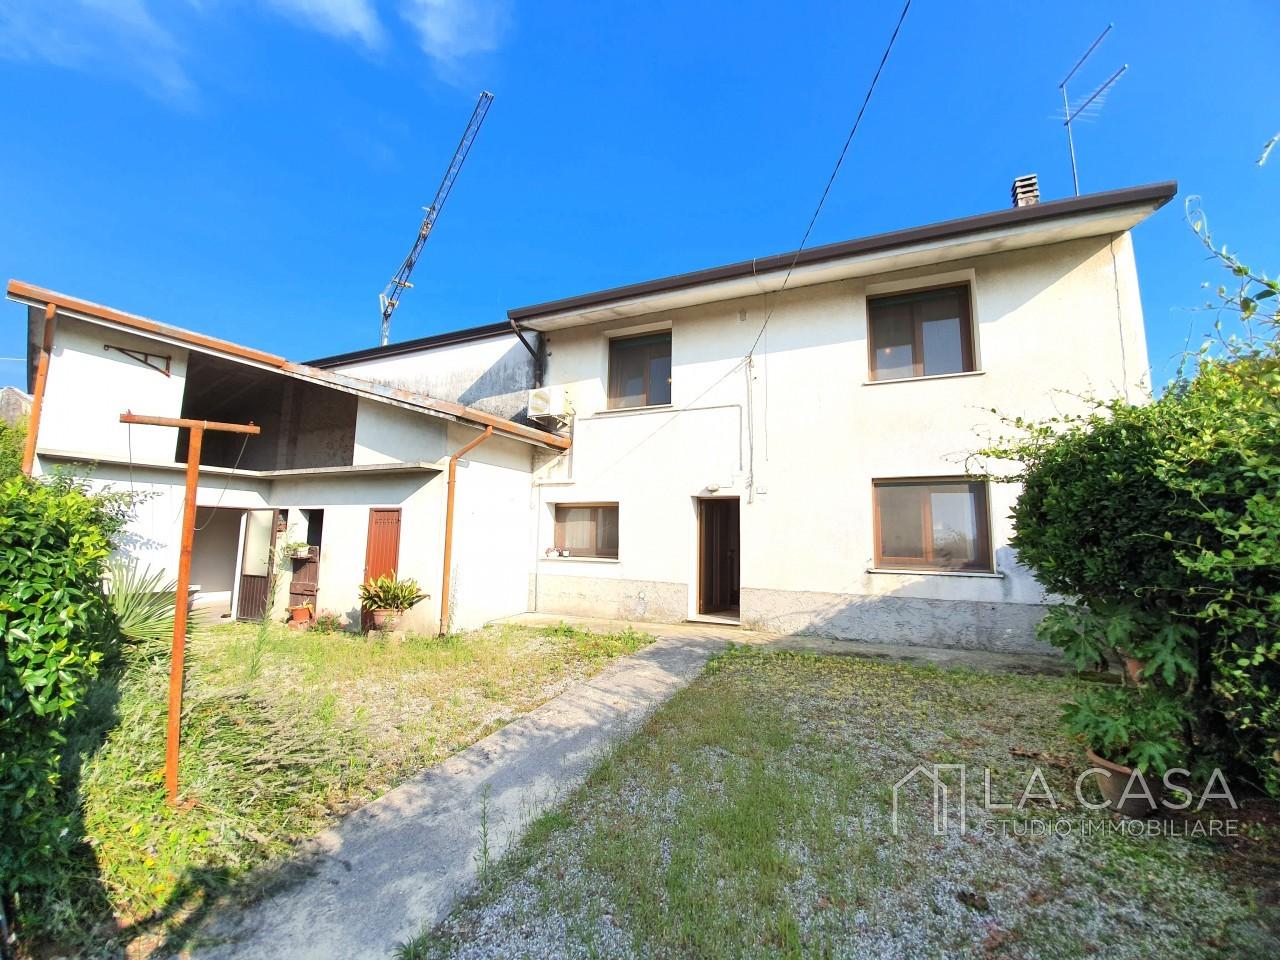 Rustico tricamere in vendita a San Vito al Tagliamento - Rif.R6 https://media.gestionaleimmobiliare.it/foto/annunci/190730/2054394/1280x1280/001__20190805_175128_wmk_0.jpg